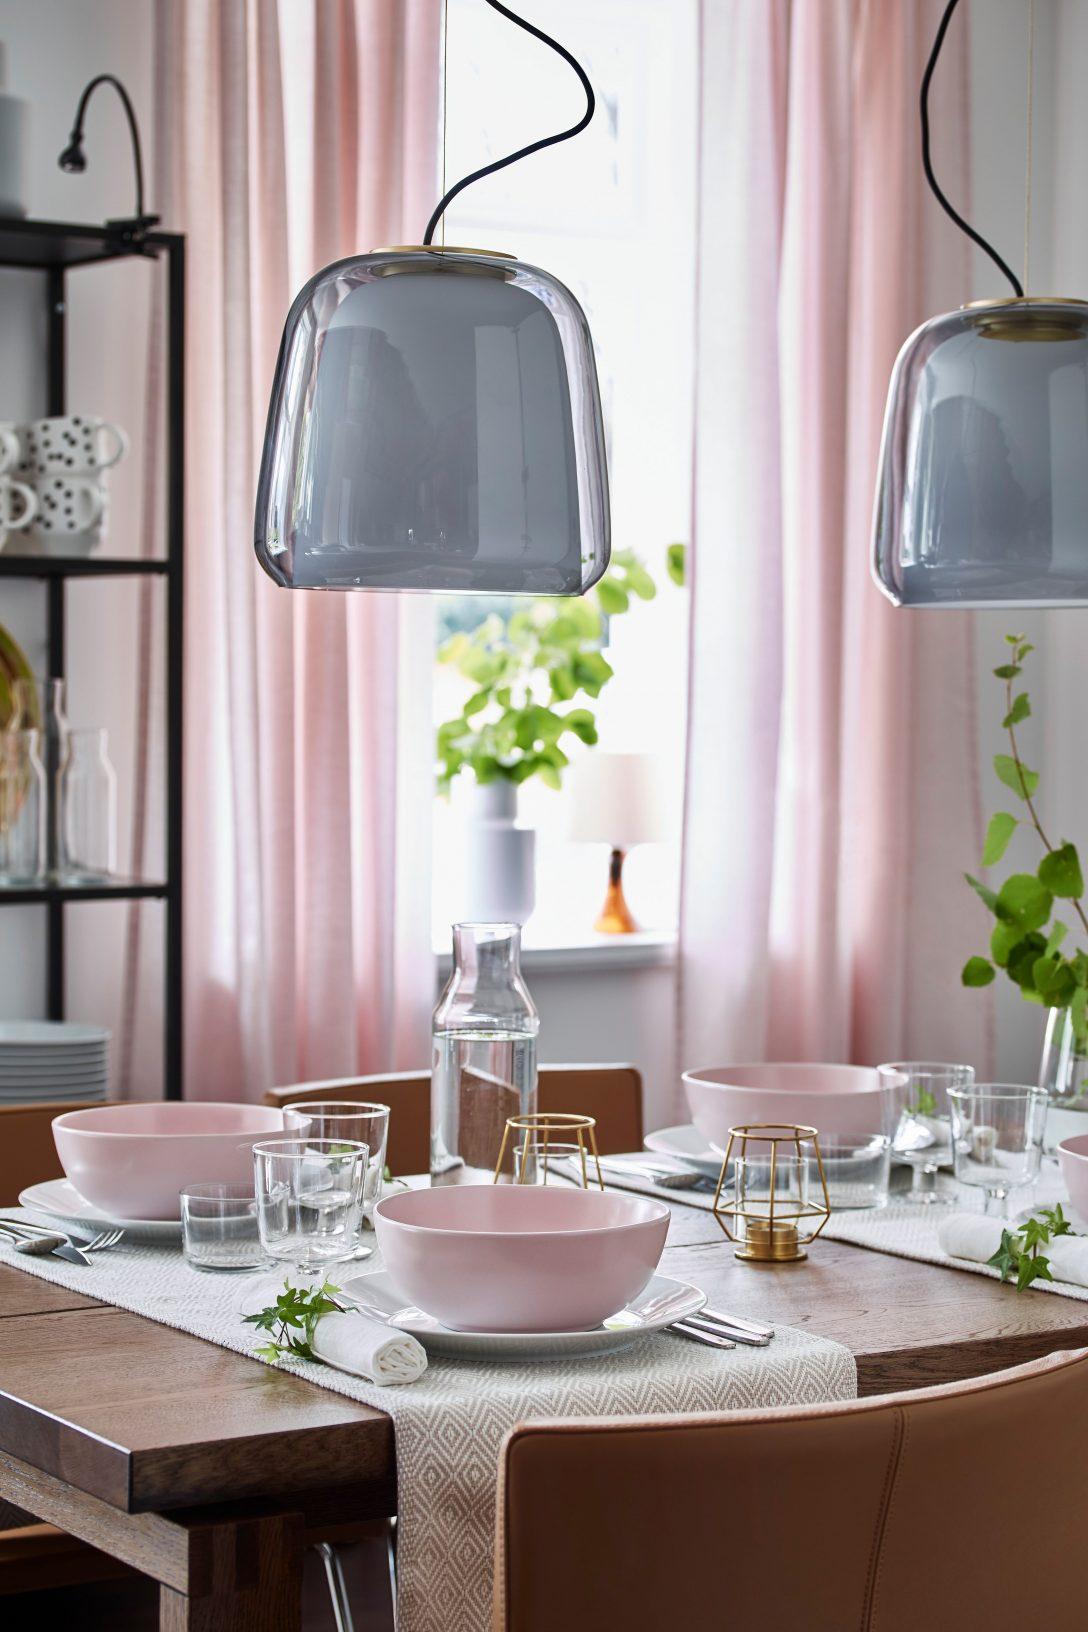 Large Size of Ikea Lampen Evedal Hngeleuchte Grau Deutschland Anhnger Badezimmer Bad Led Designer Esstisch Stehlampen Wohnzimmer Modulküche Deckenlampen Schlafzimmer Küche Wohnzimmer Ikea Lampen